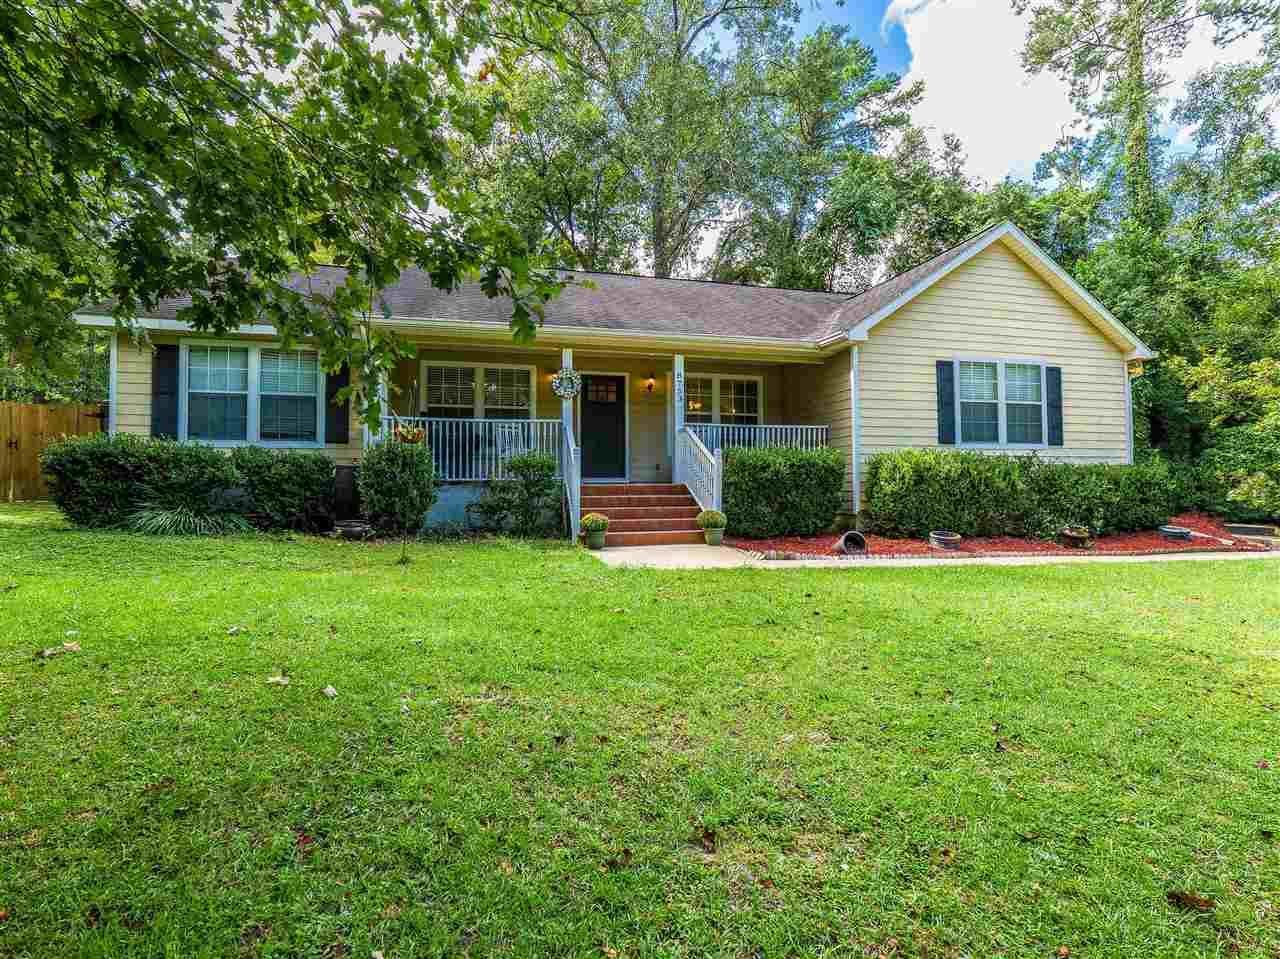 Photo of 8753 Minnow Creek Drive, TALLAHASSEE, FL 32312 (MLS # 323482)